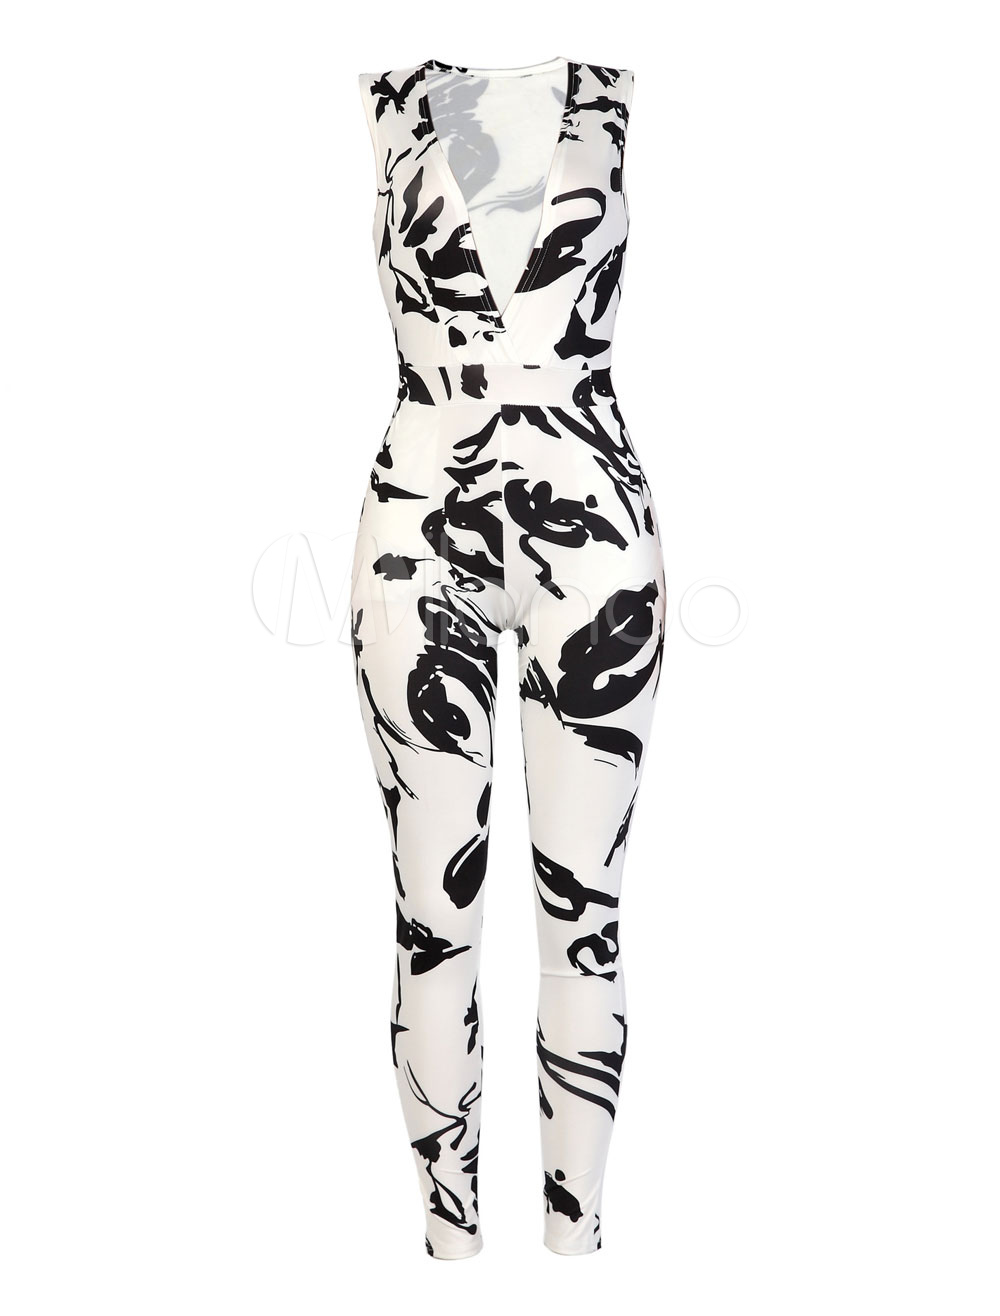 Buy Women's Black Jumpsuit V Neck Sleeveless Printed Skinny Leg Long Jumpsuit for $28.49 in Milanoo store